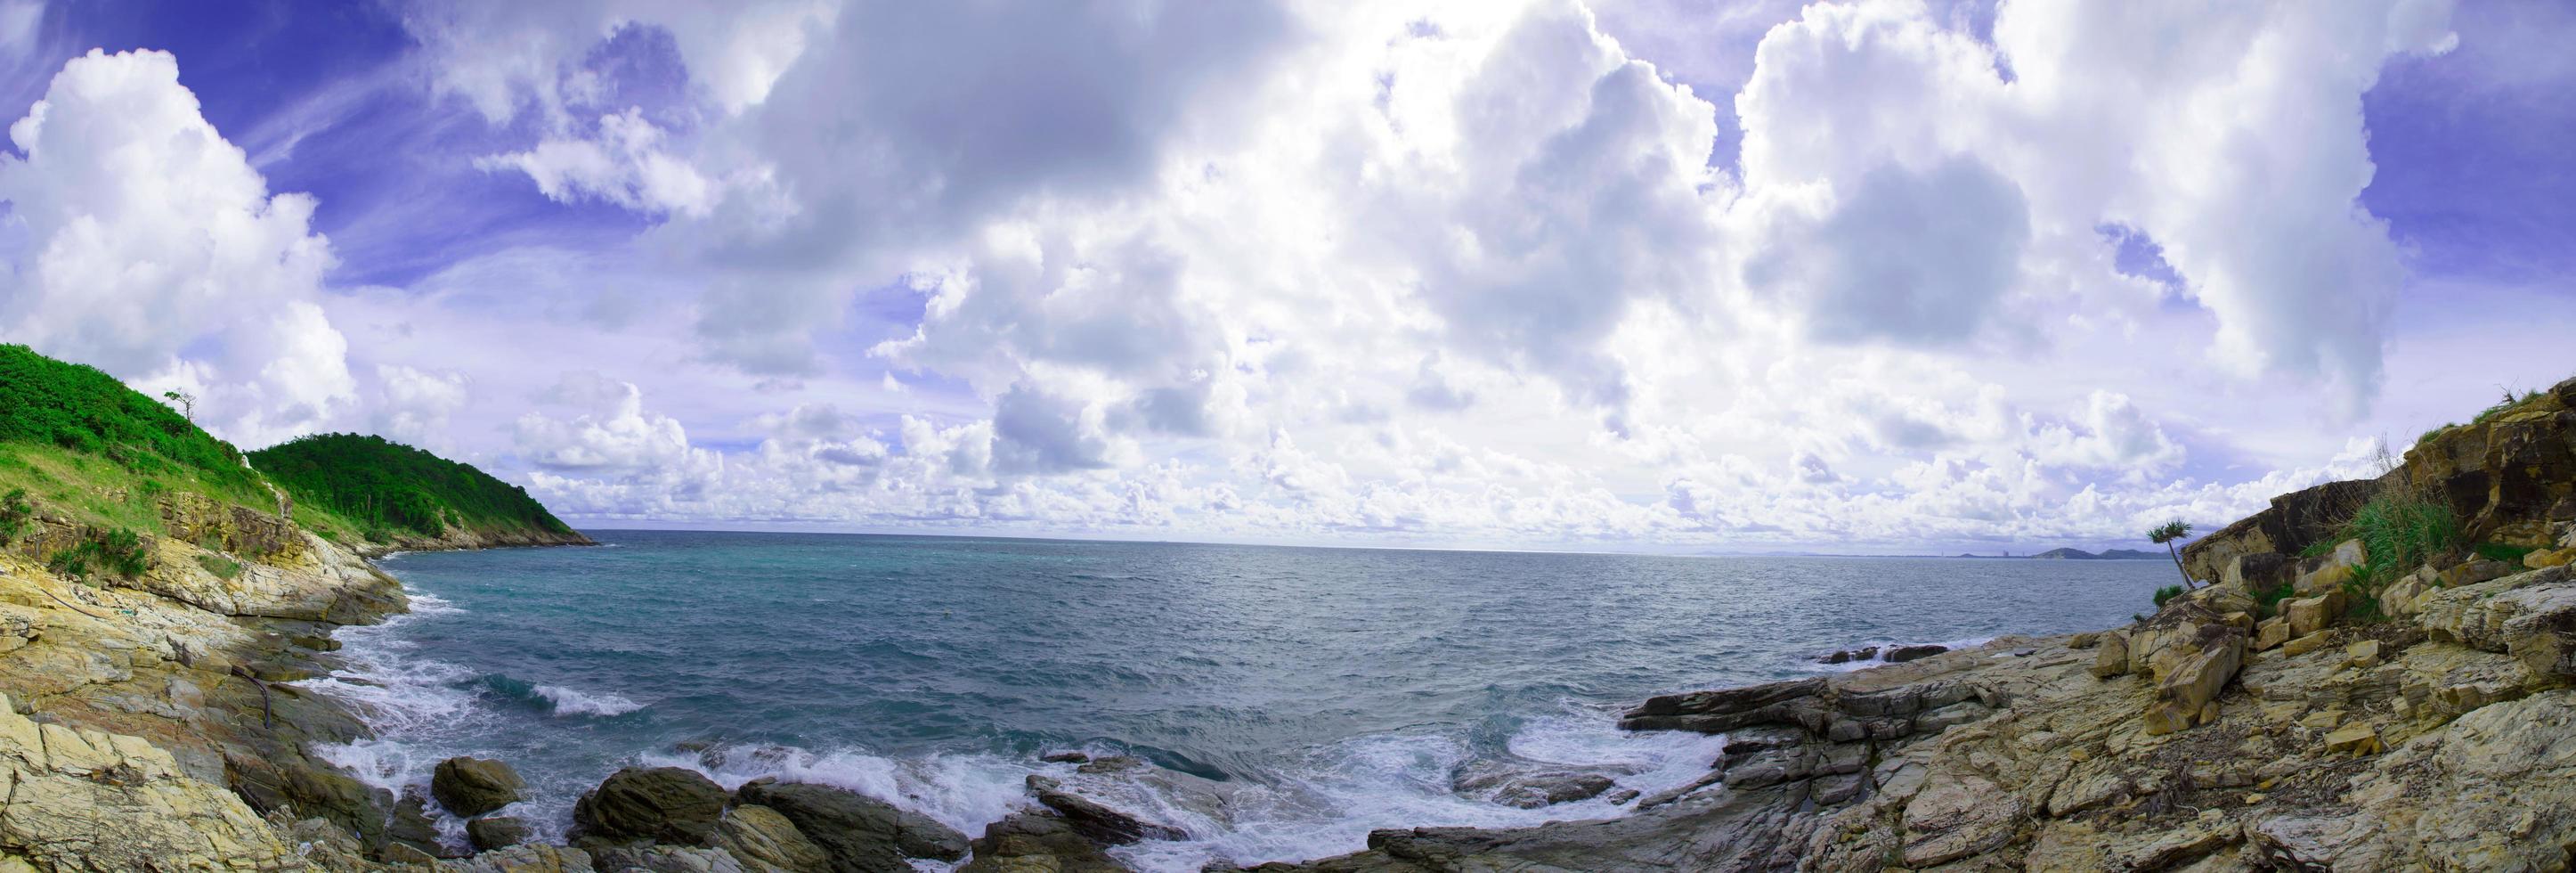 Panorama einer Bucht und eines Strandes foto